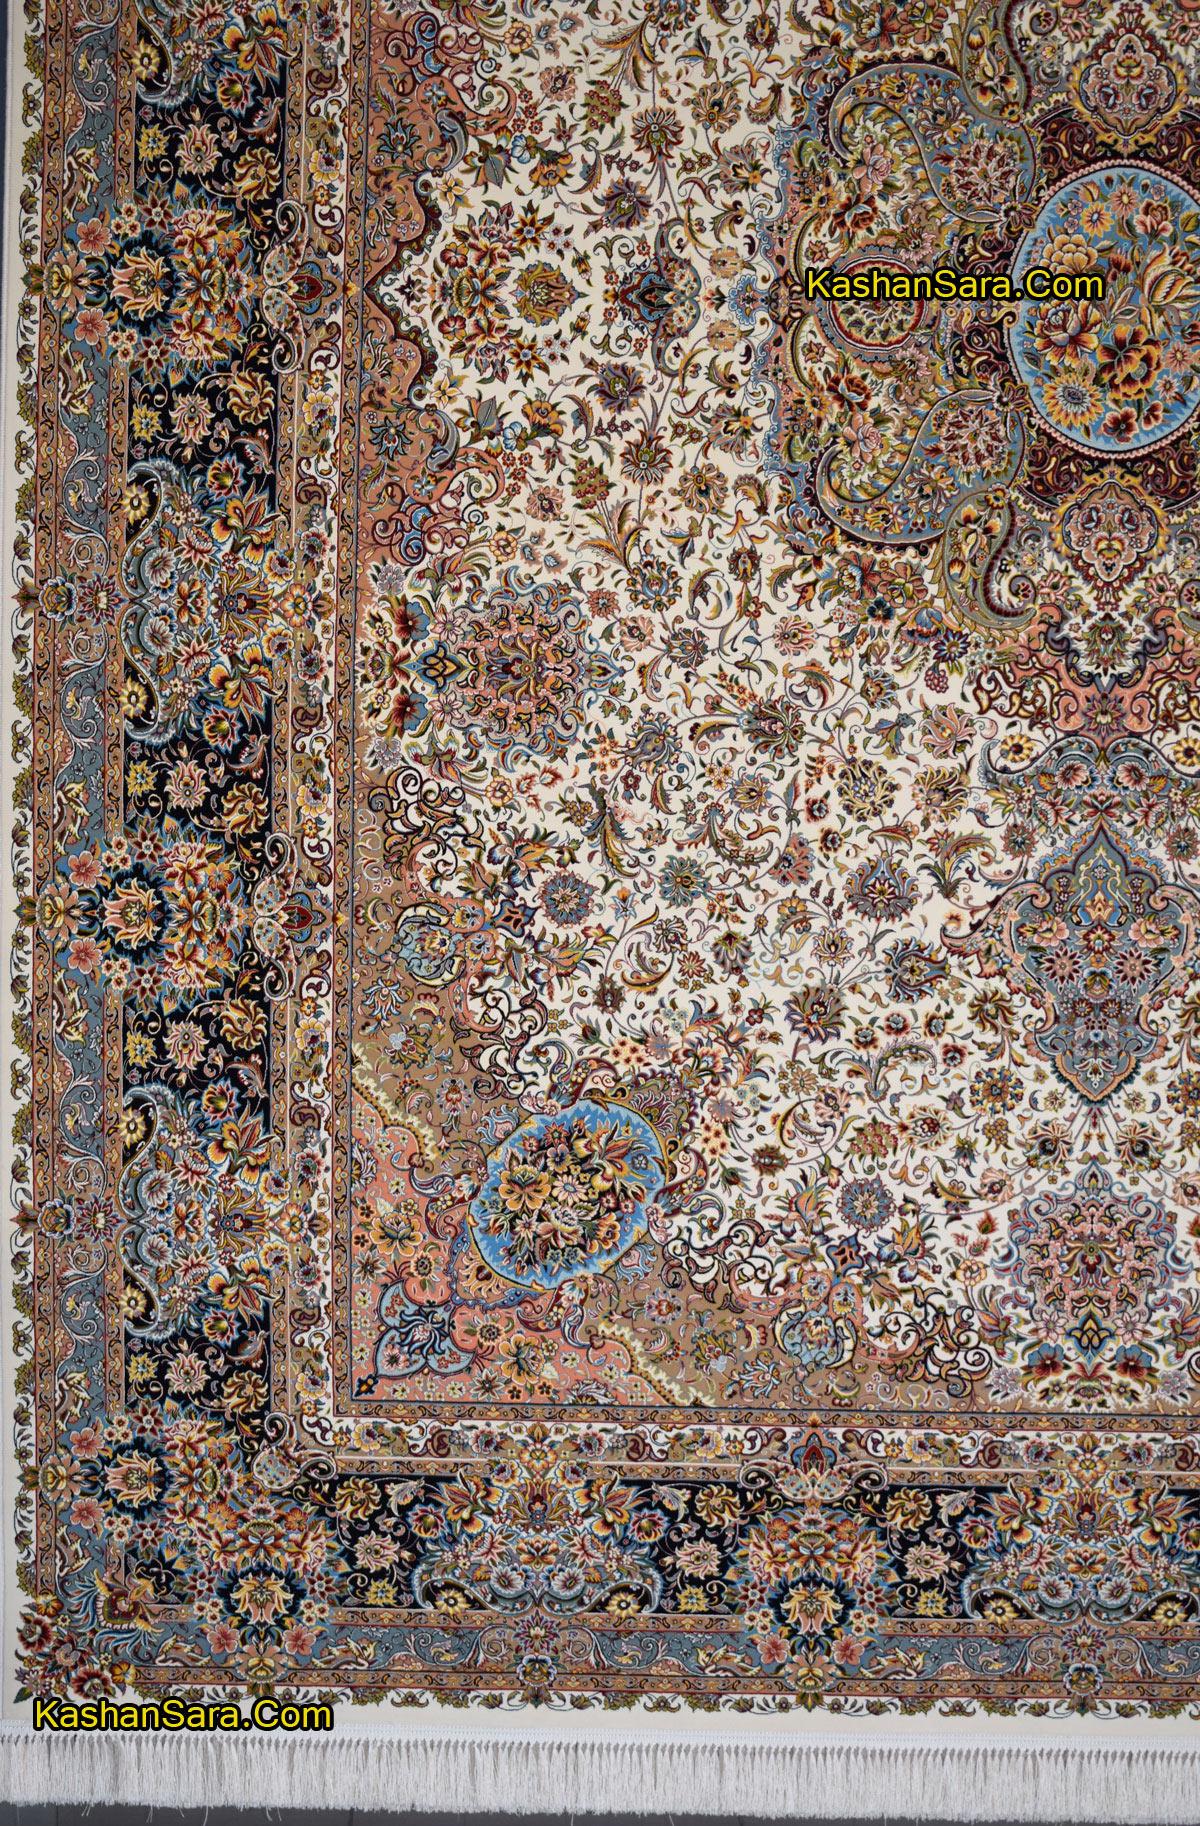 قیمت فرش ۱۲۰۰ شانه کاشان نقشه سالاری